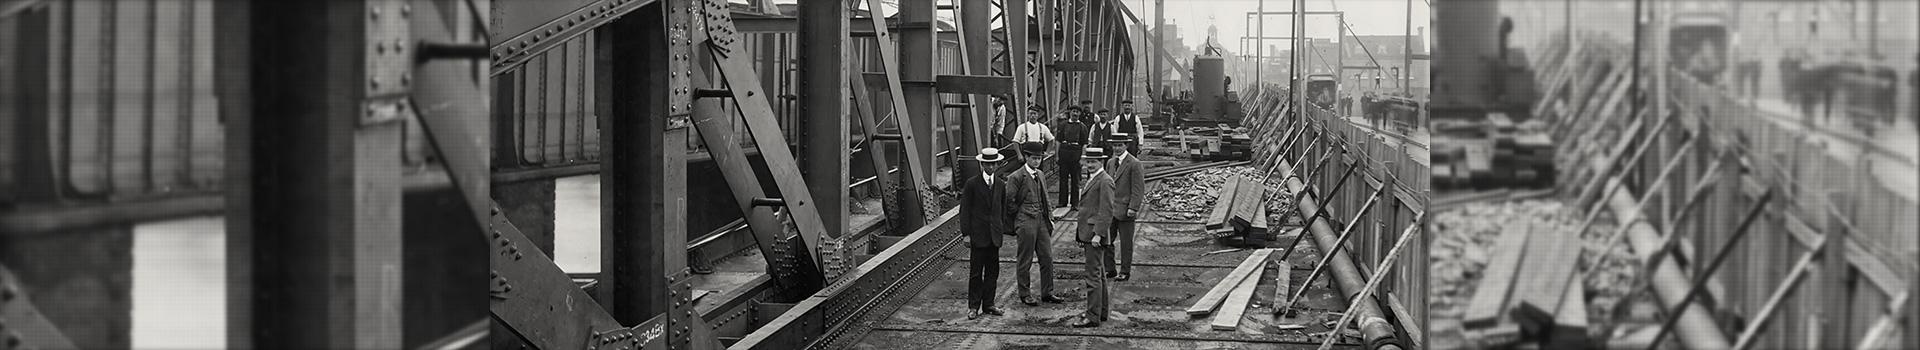 Victorian_Bridge_Banner1